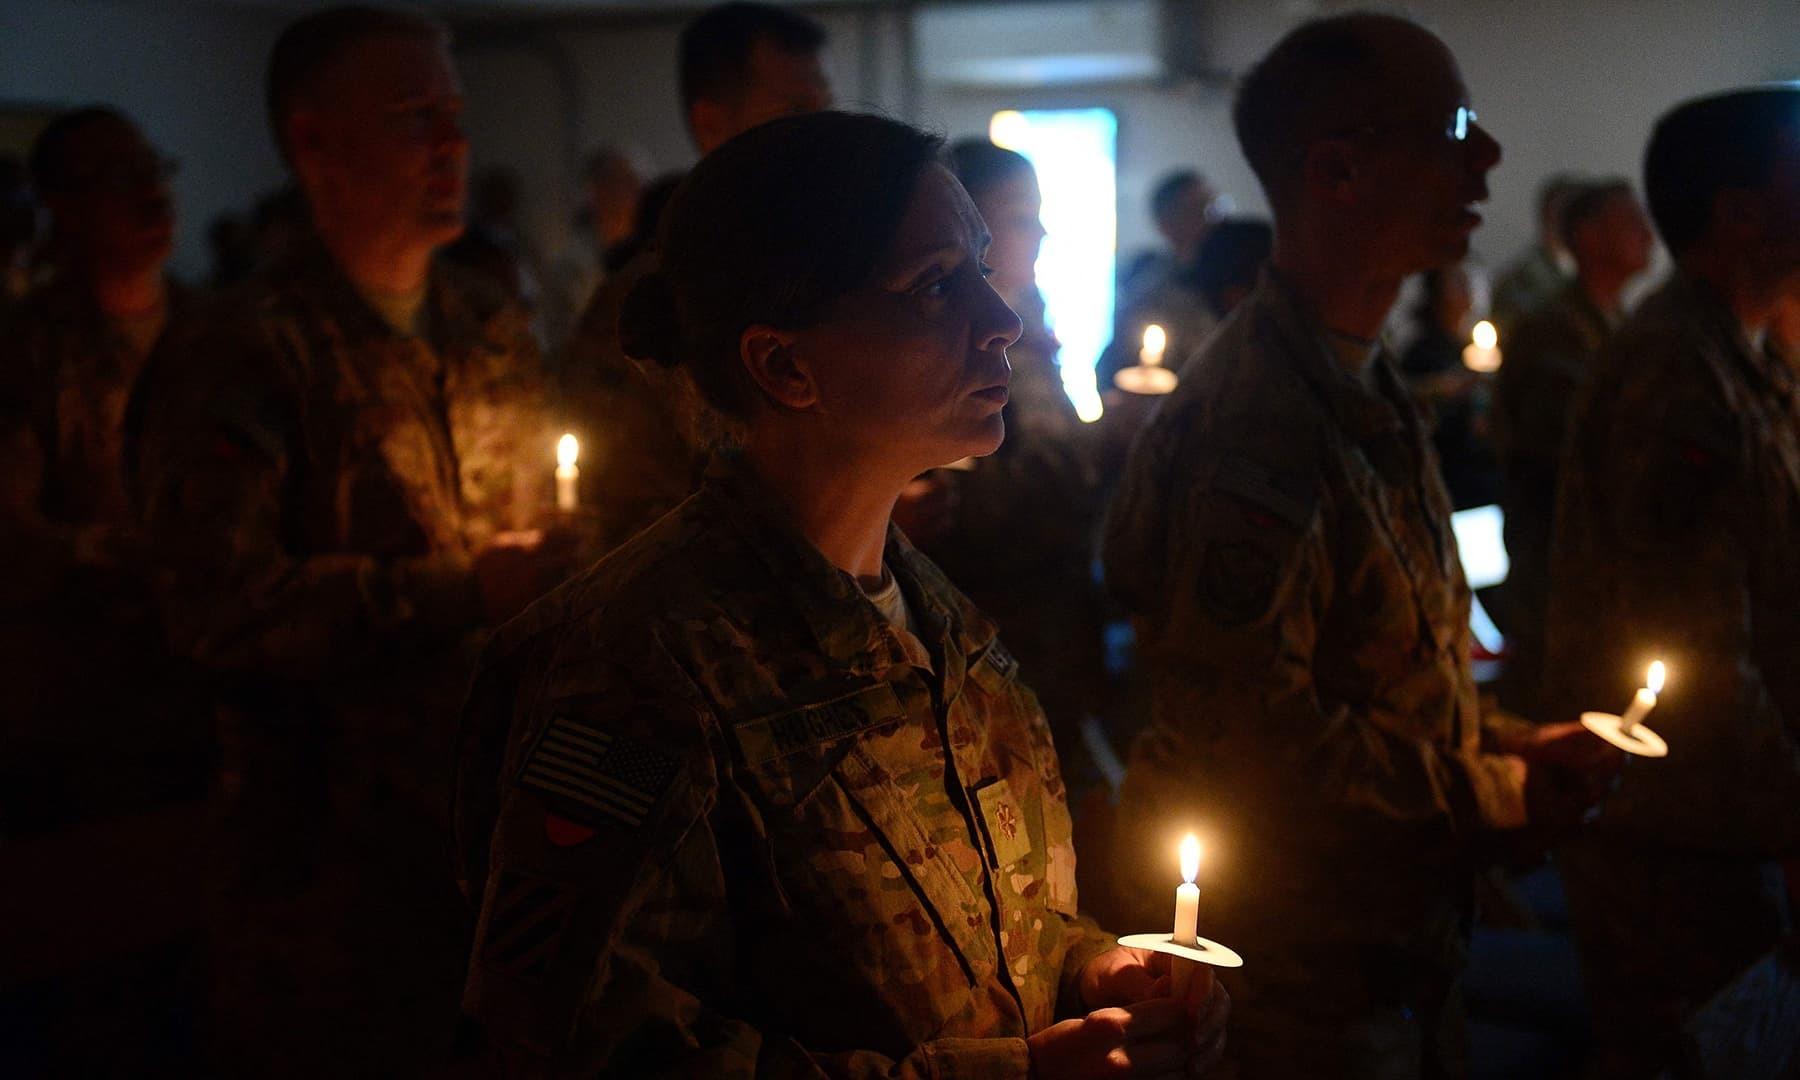 کابل میں 24 دسمبر 2013 کو امریکی فوجی کرسمس منا رہے ہیں—فائل/فوٹو: اے ایف پی